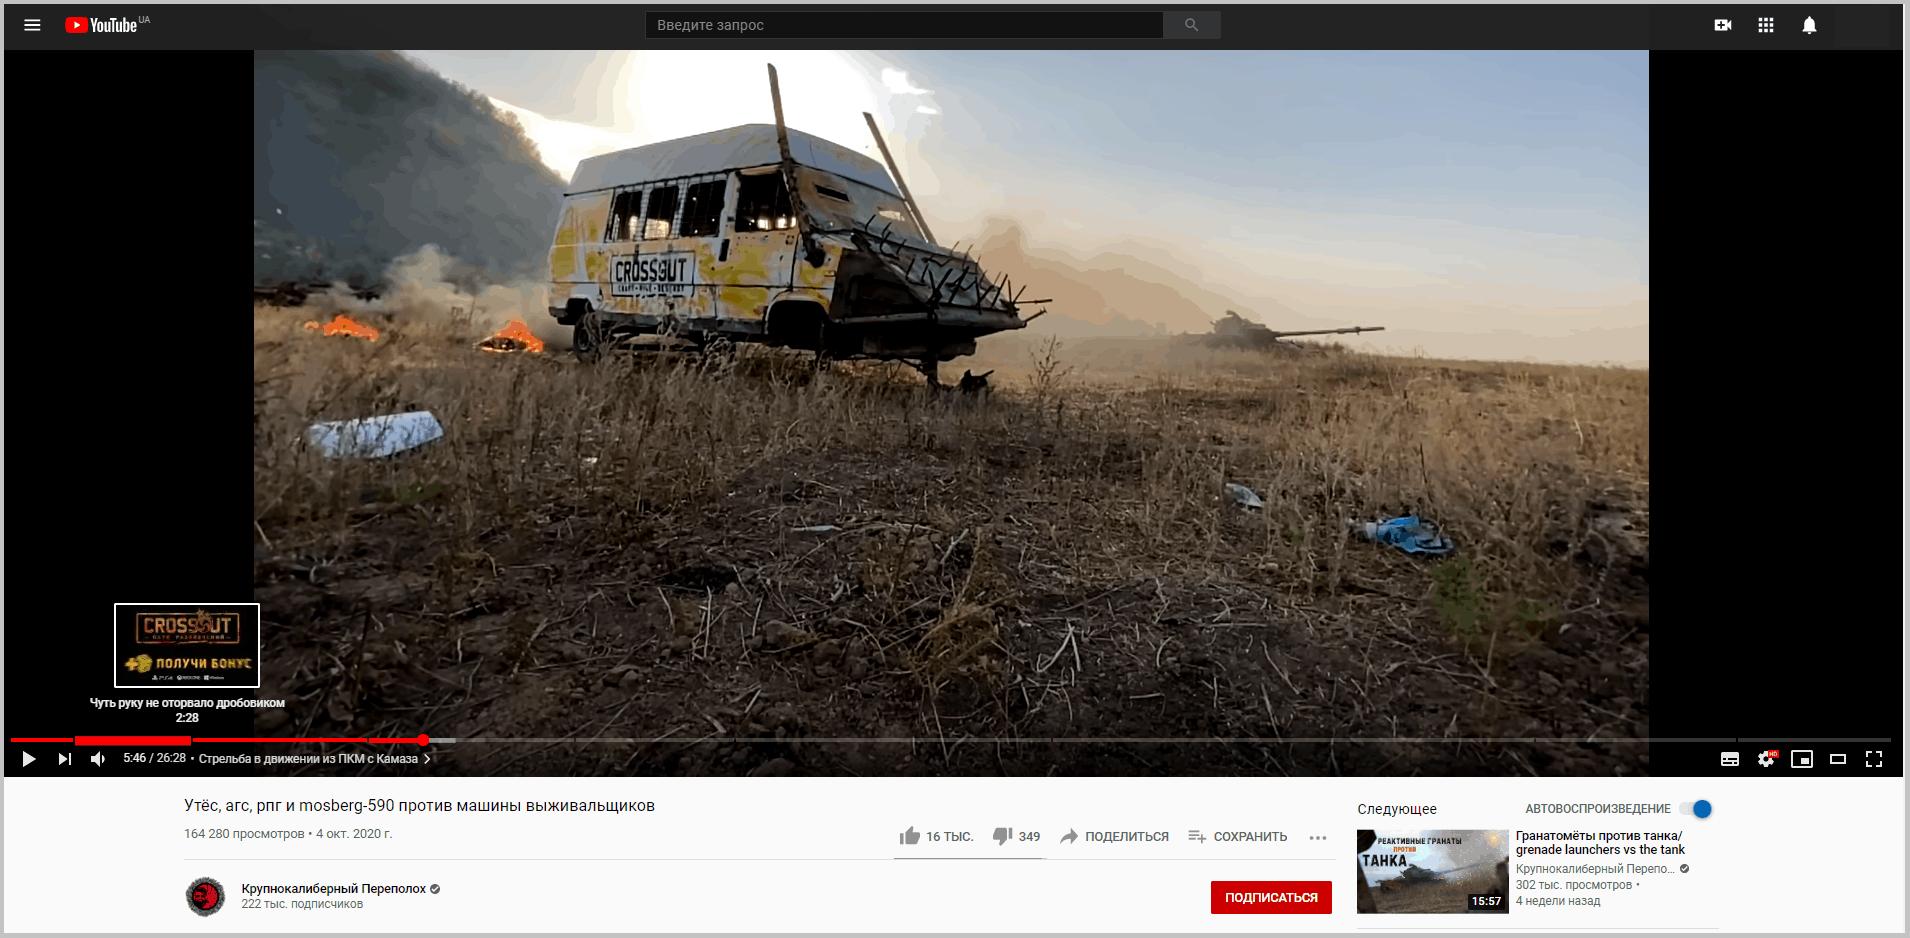 Відео з окупованої частини Донбасу з рекламою гри «Crossout»